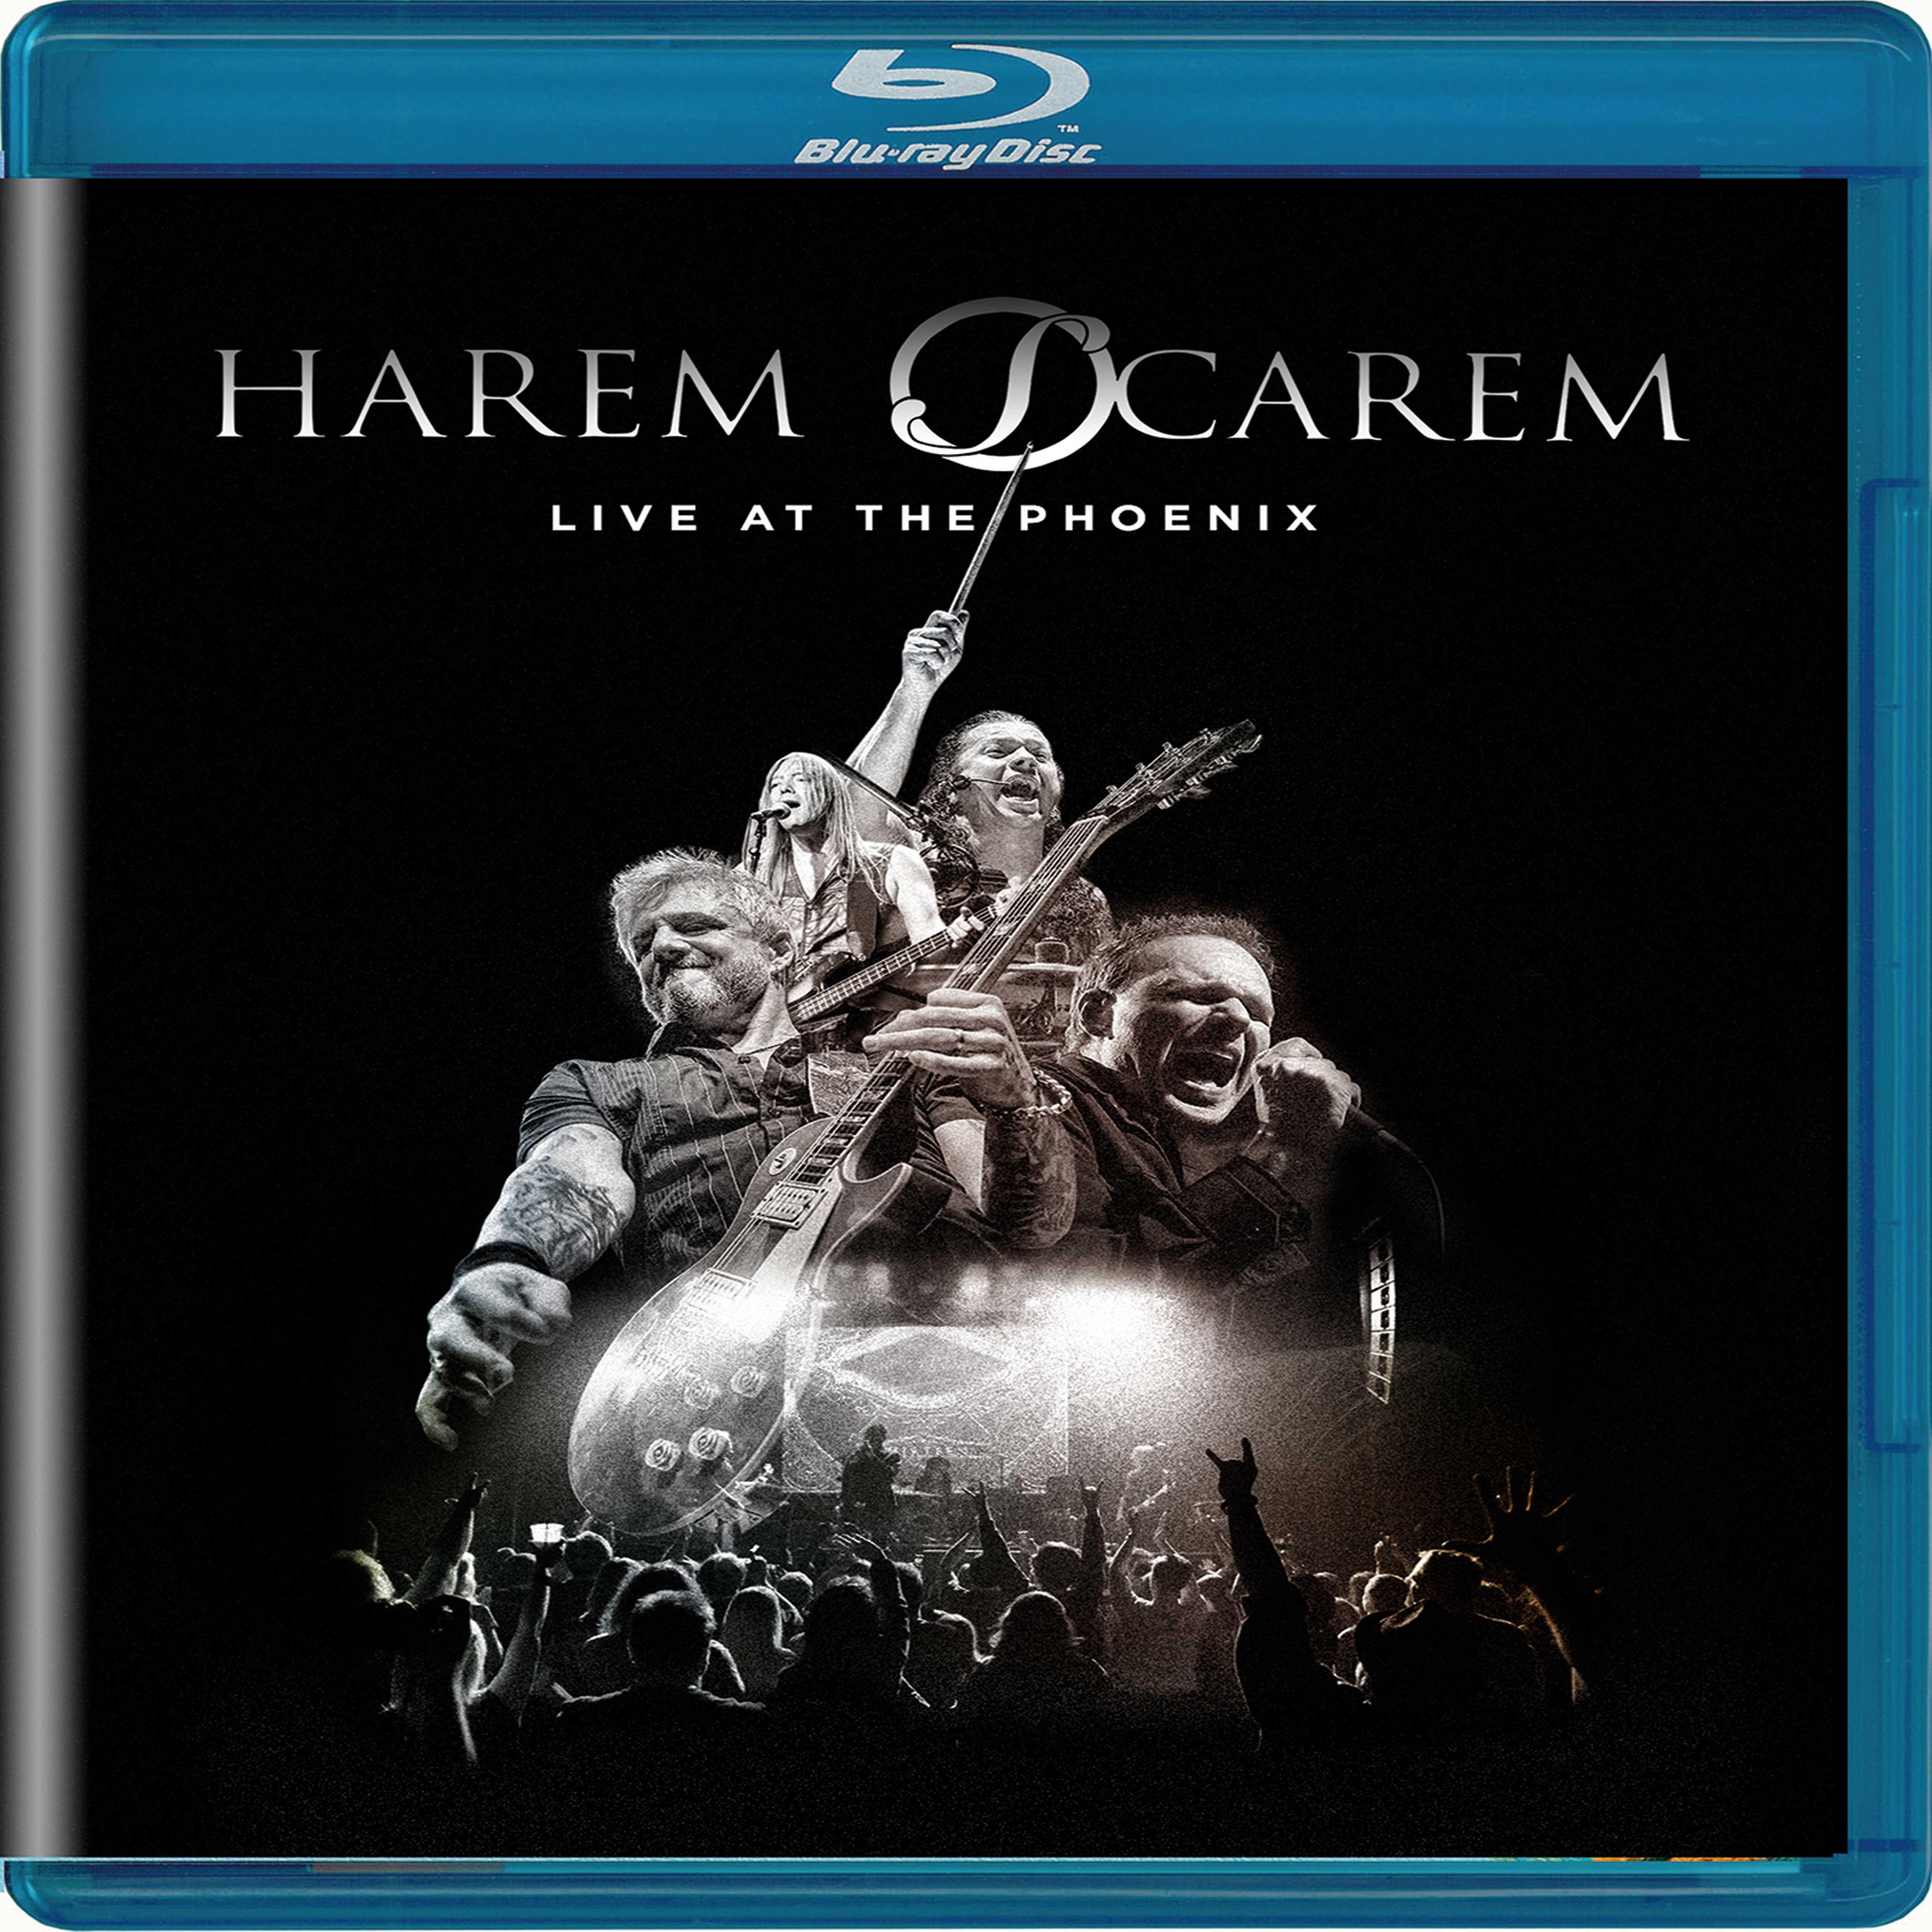 Harem Scarem: Live at the Phoenix